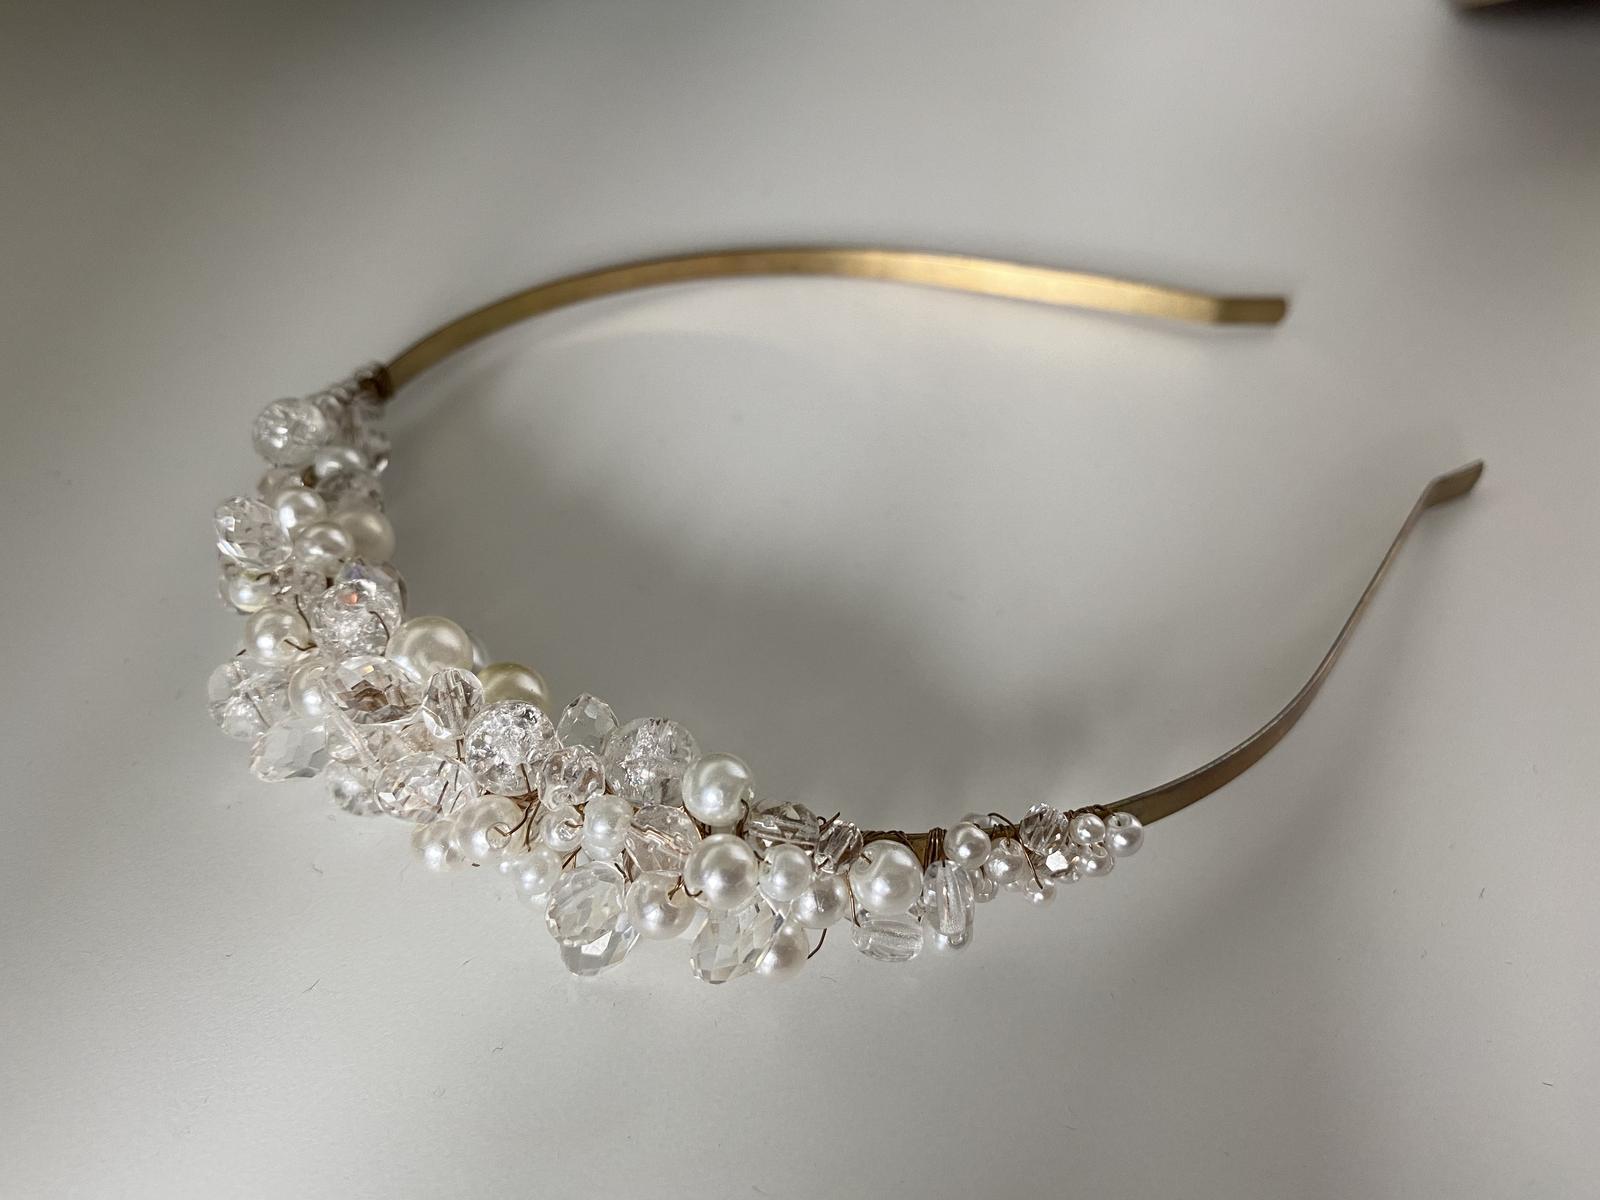 Svatební čelenka s křišťály a perlami - Obrázek č. 1